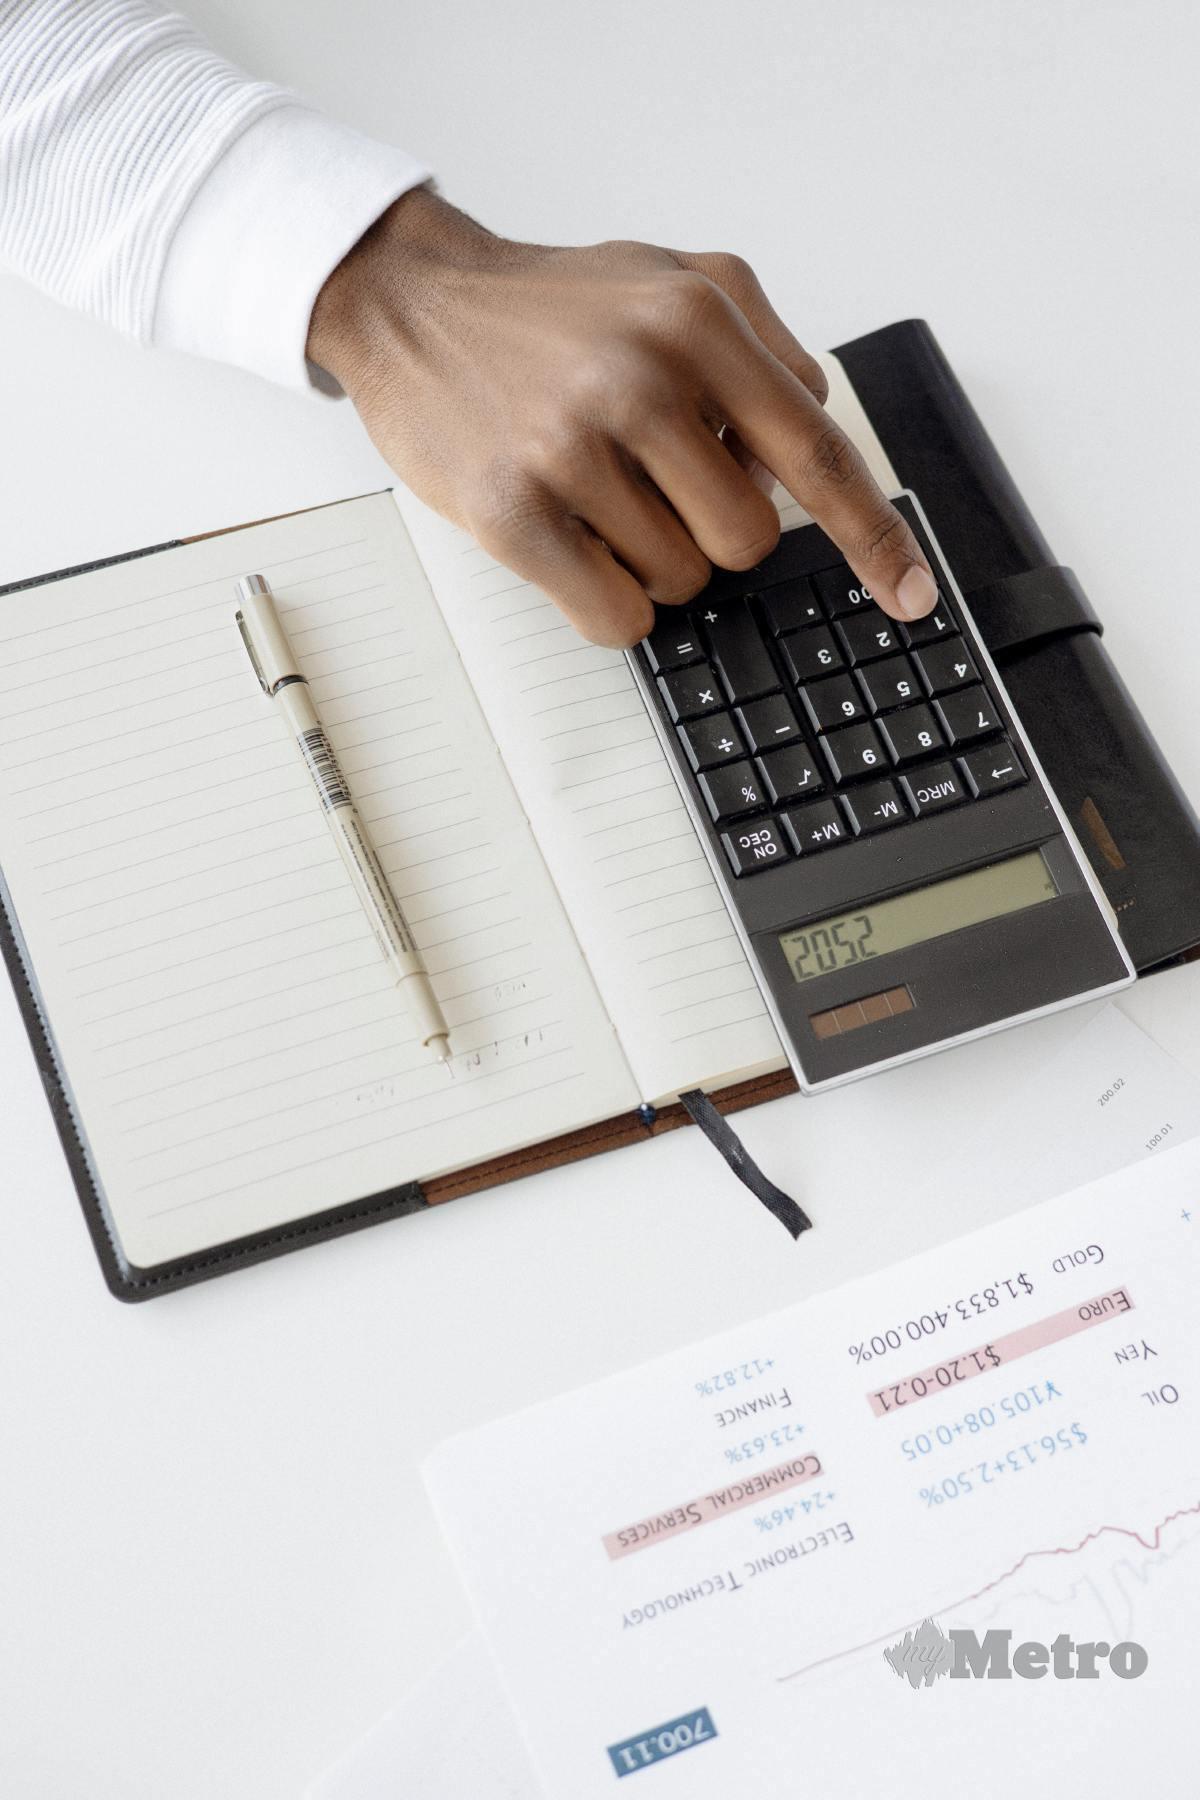 PENGIRAAN belanjawaan dan komitmen penting meneliti beban kewangan setiap bulan sebelum memohon atau menerima tawaran pembiayaan semula pinjaman.